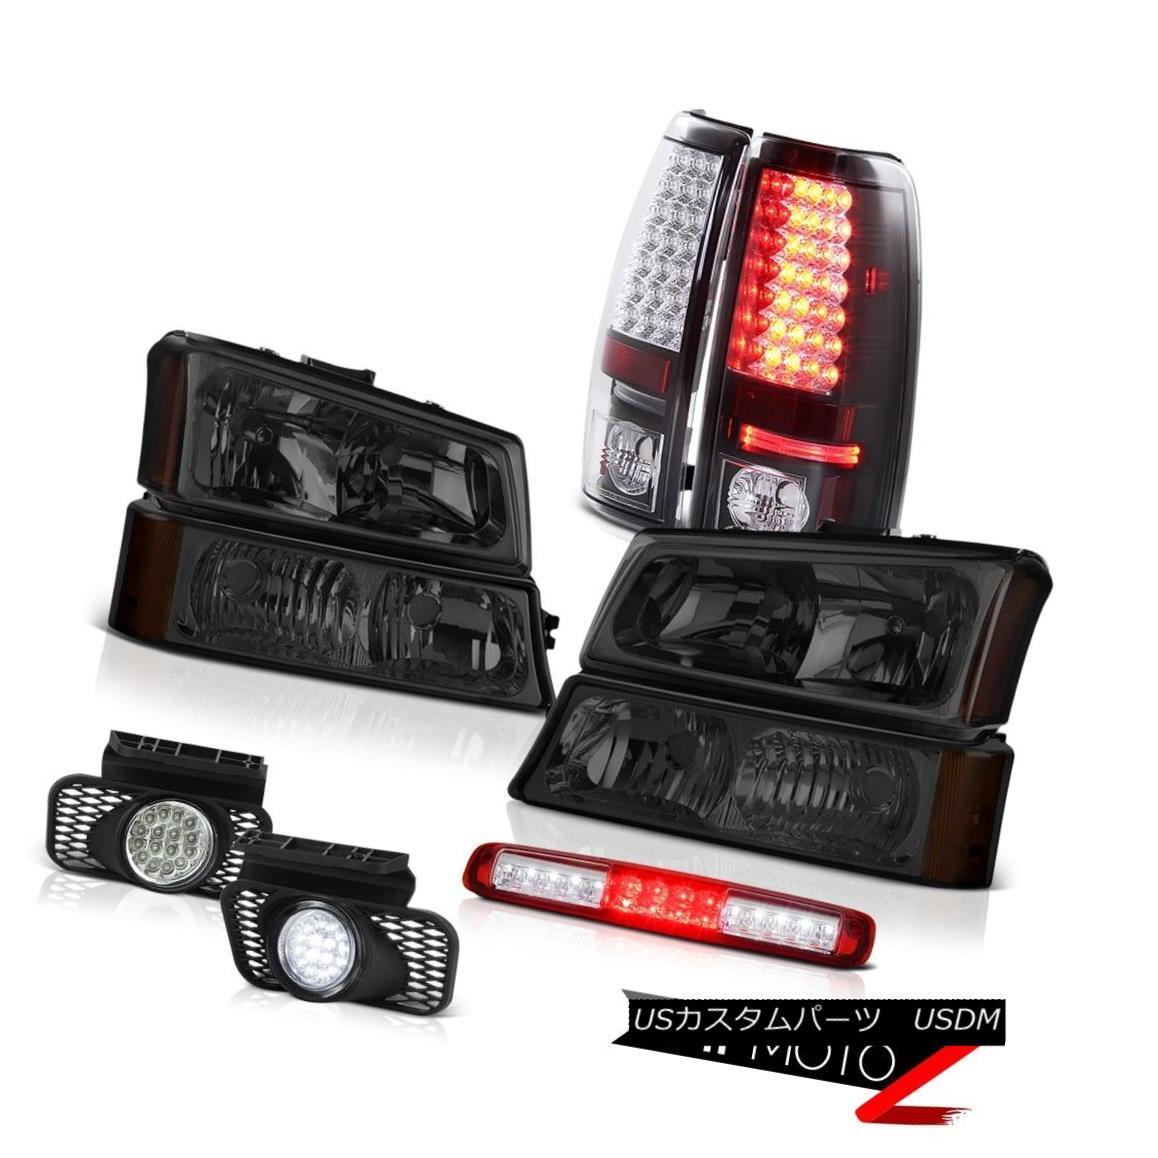 テールライト 2003-2006 Chevy Silverado Smoked Headlamps Red Roof Brake Light Fog Lamps Tail 2003年?2006年シボレーシルバラードスモークヘッドランプレッドルーフブレーキライトフォグランプテール